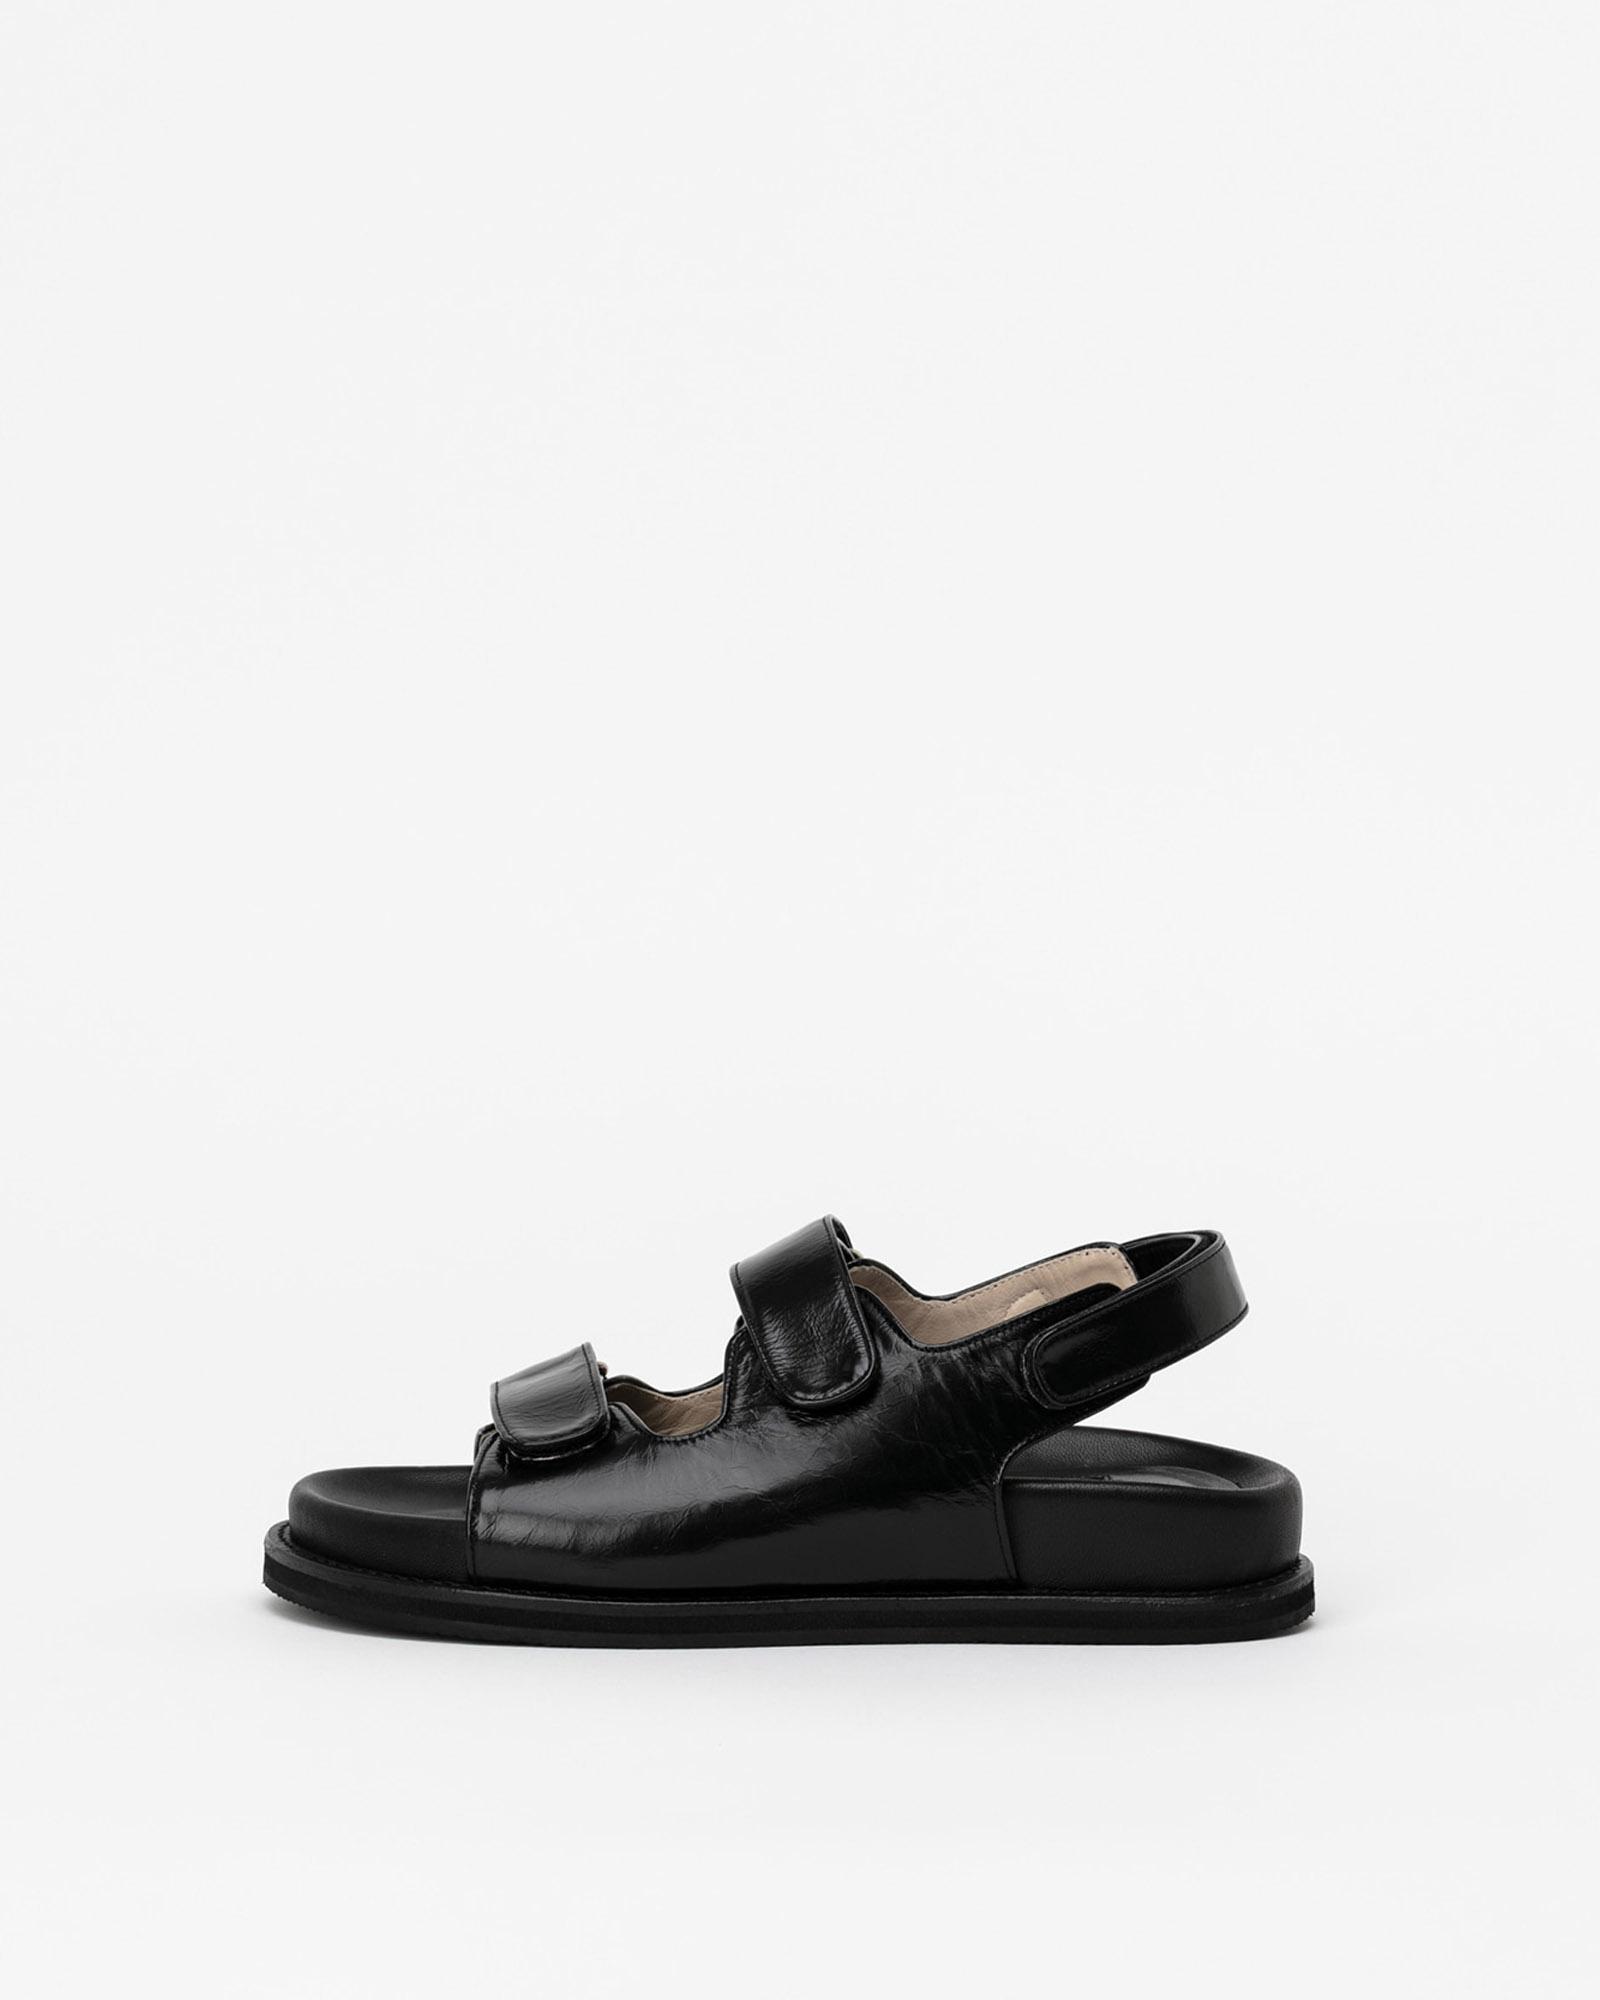 Batel Footbed Sandals in Wrinkled Black